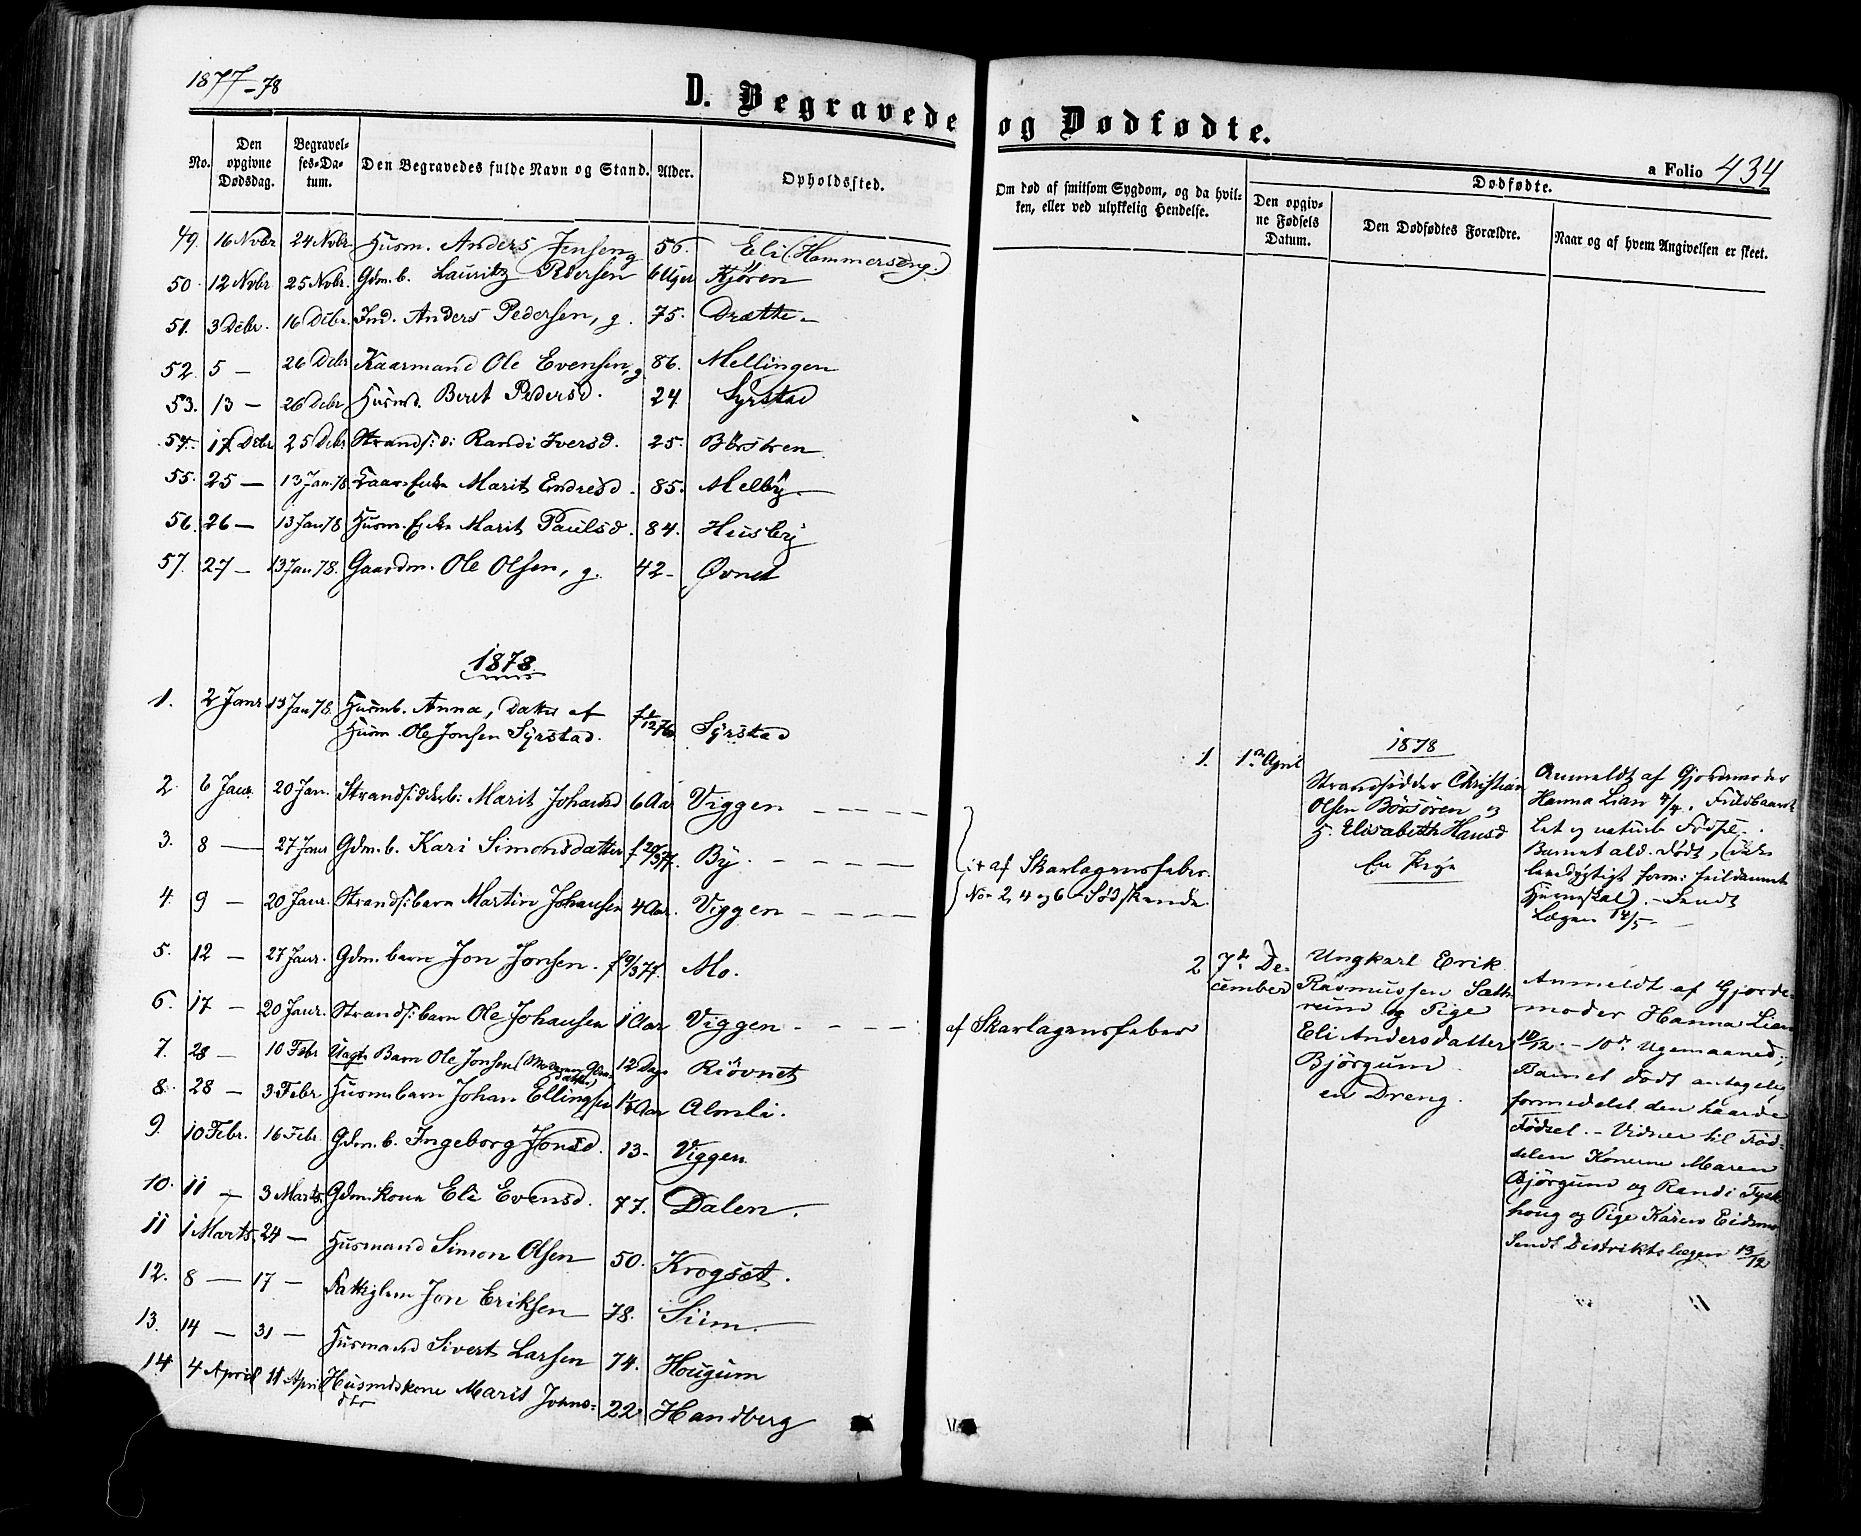 SAT, Ministerialprotokoller, klokkerbøker og fødselsregistre - Sør-Trøndelag, 665/L0772: Ministerialbok nr. 665A07, 1856-1878, s. 434